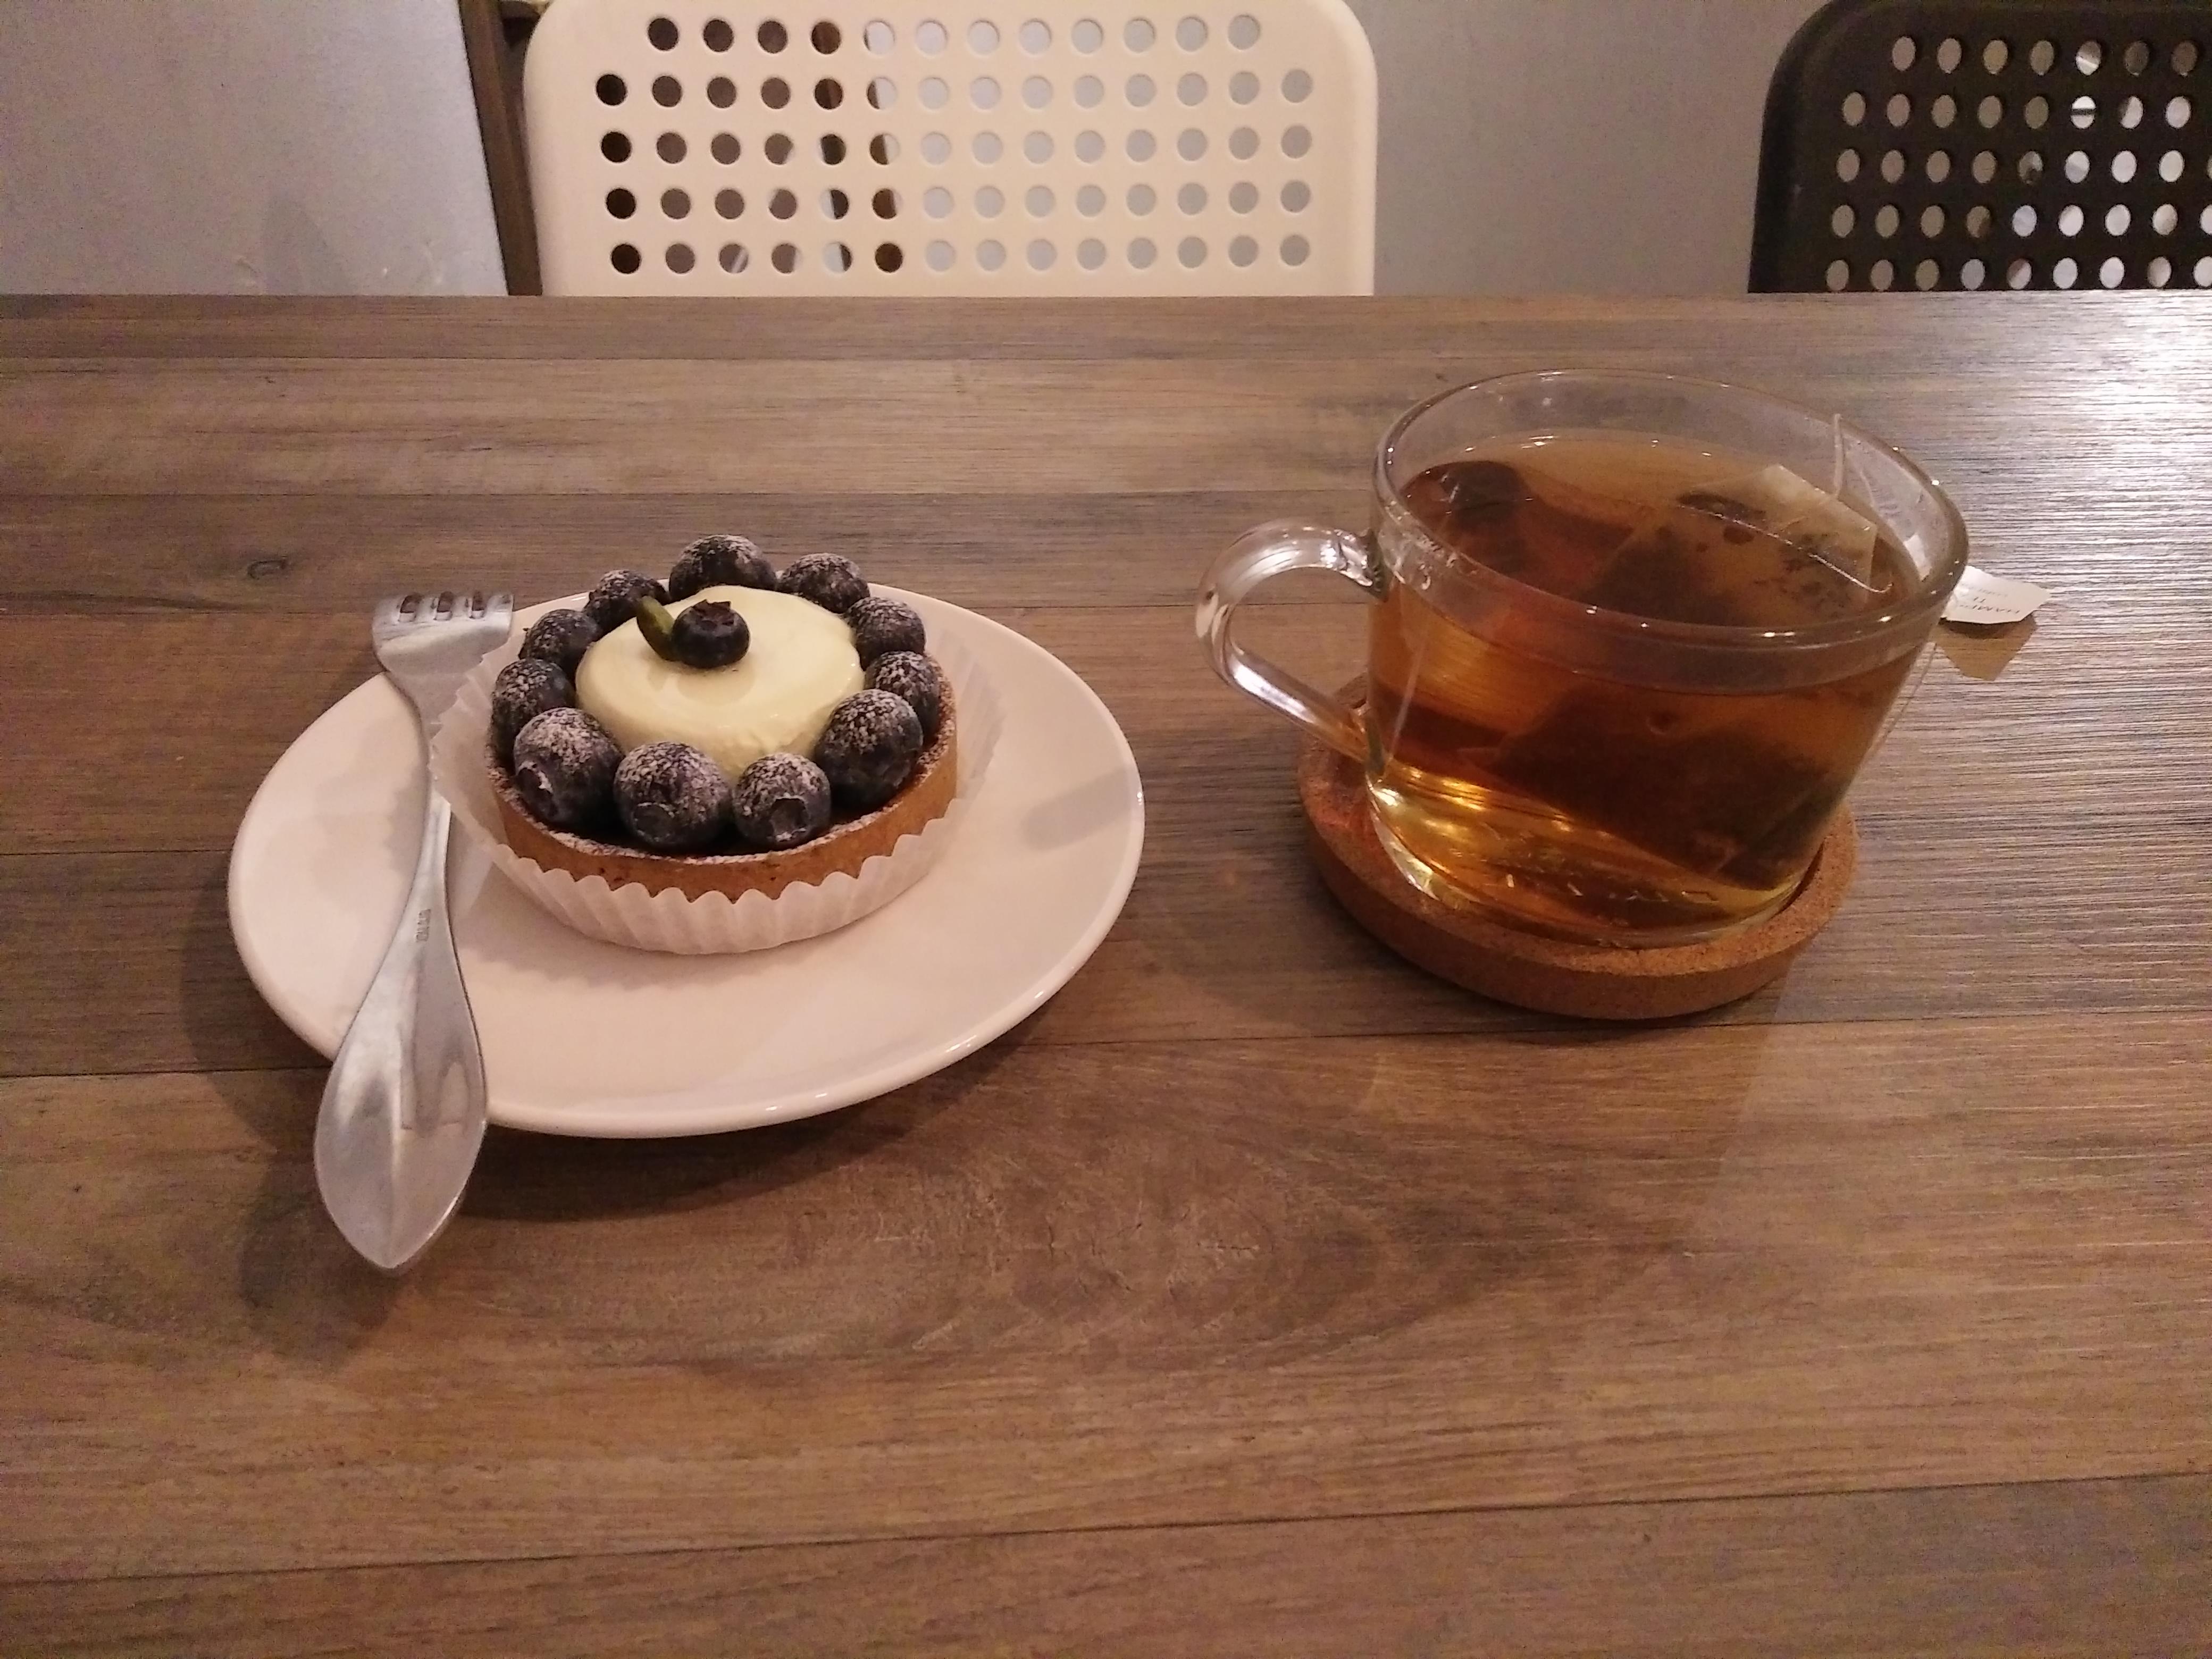 台北市南港昆陽站咖啡店 BOCY Patisserie & Bistro 寶希甜點好食光 藍莓塔 有機香草紅茶